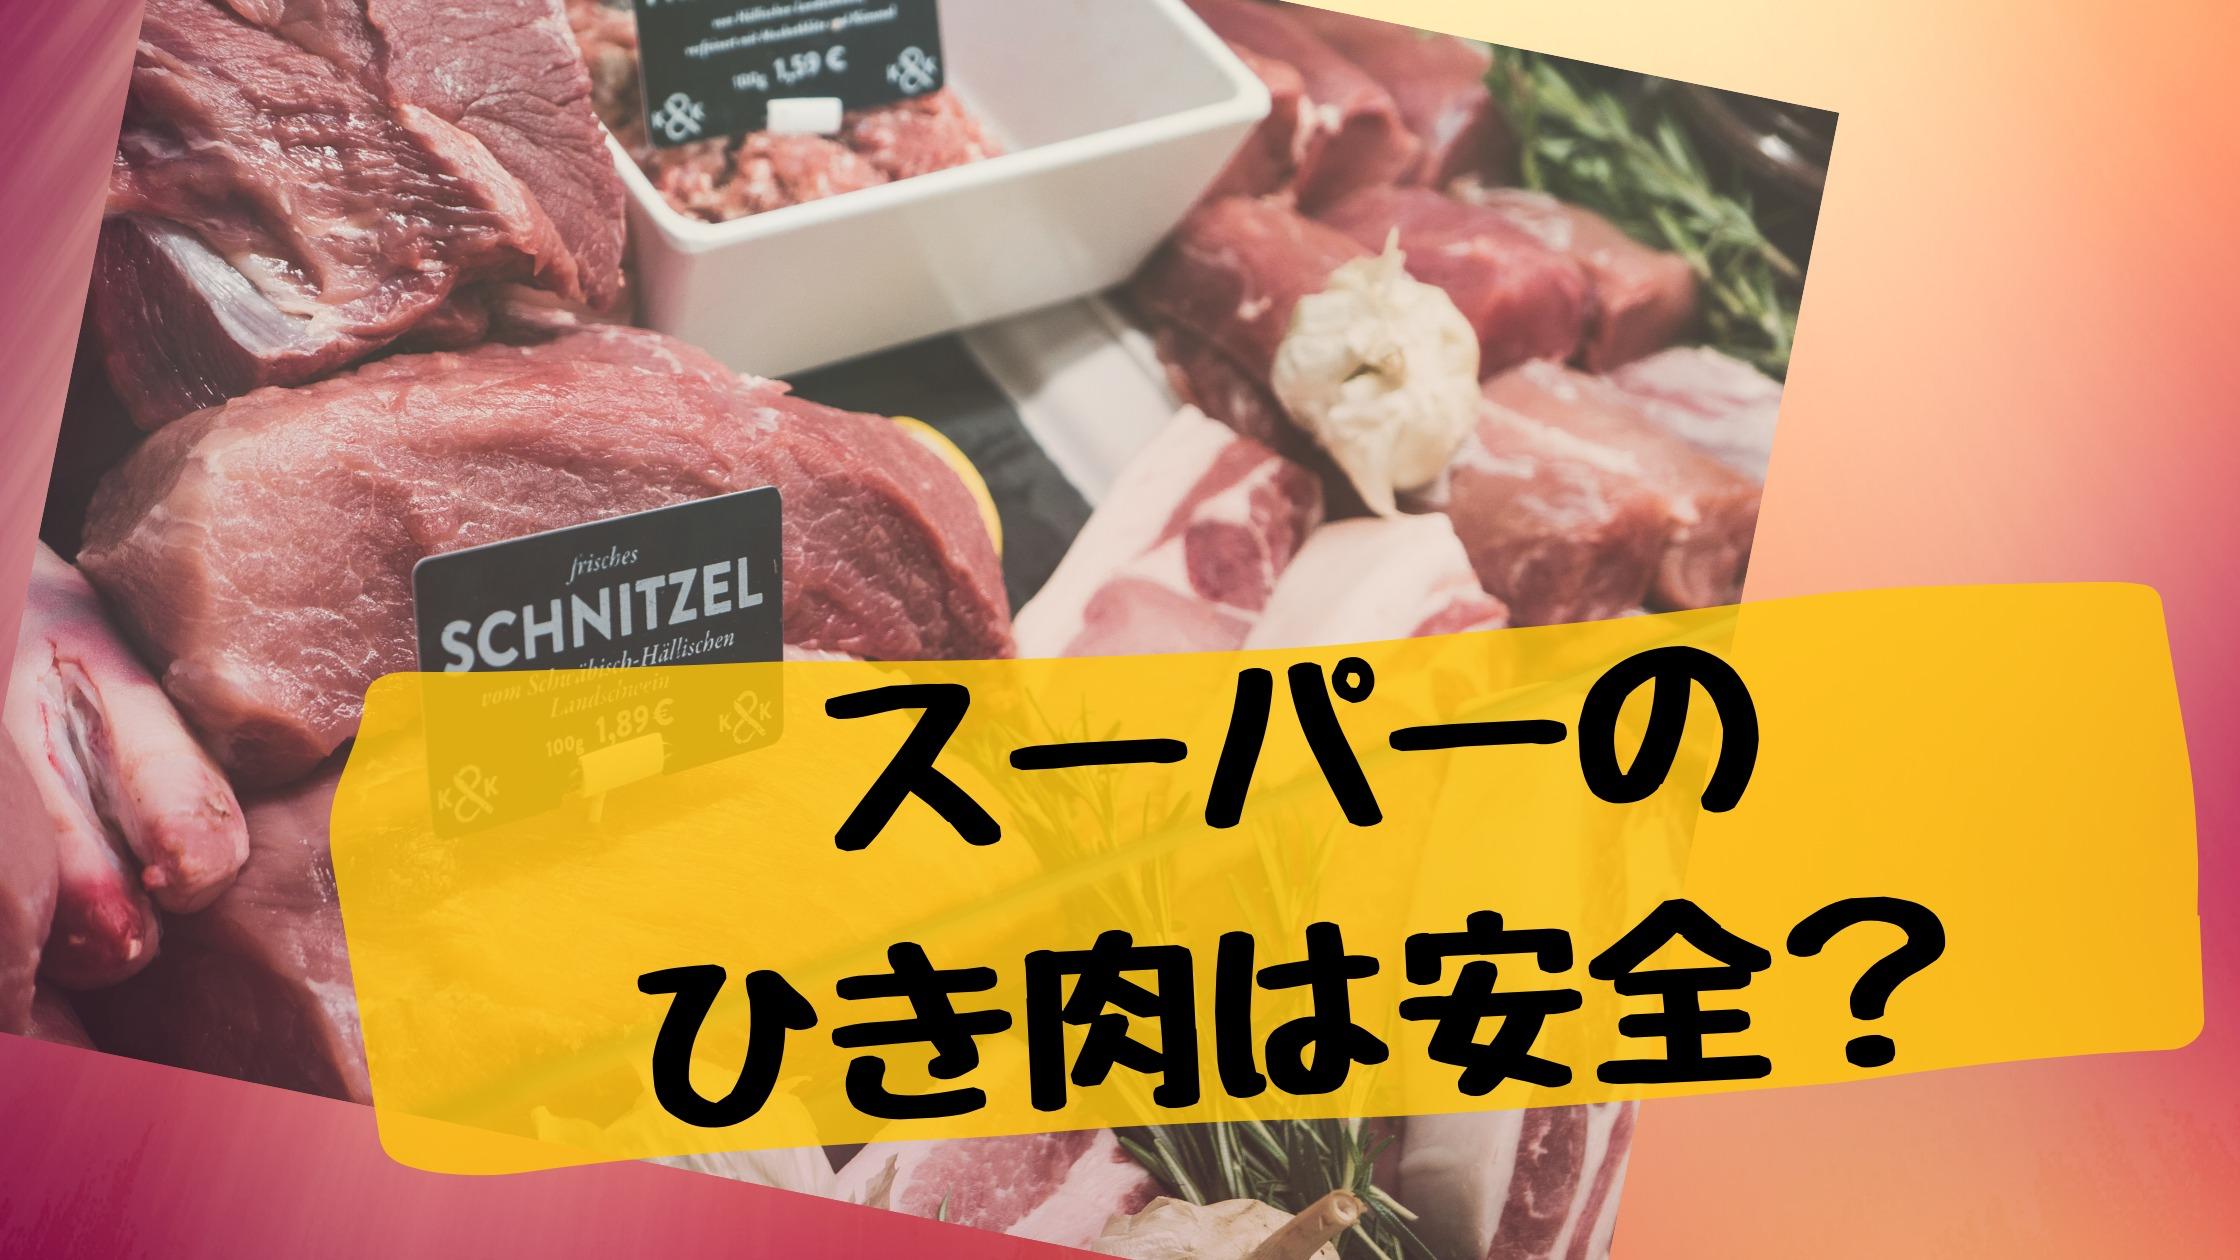 スーパーのひき肉は体に悪い安全